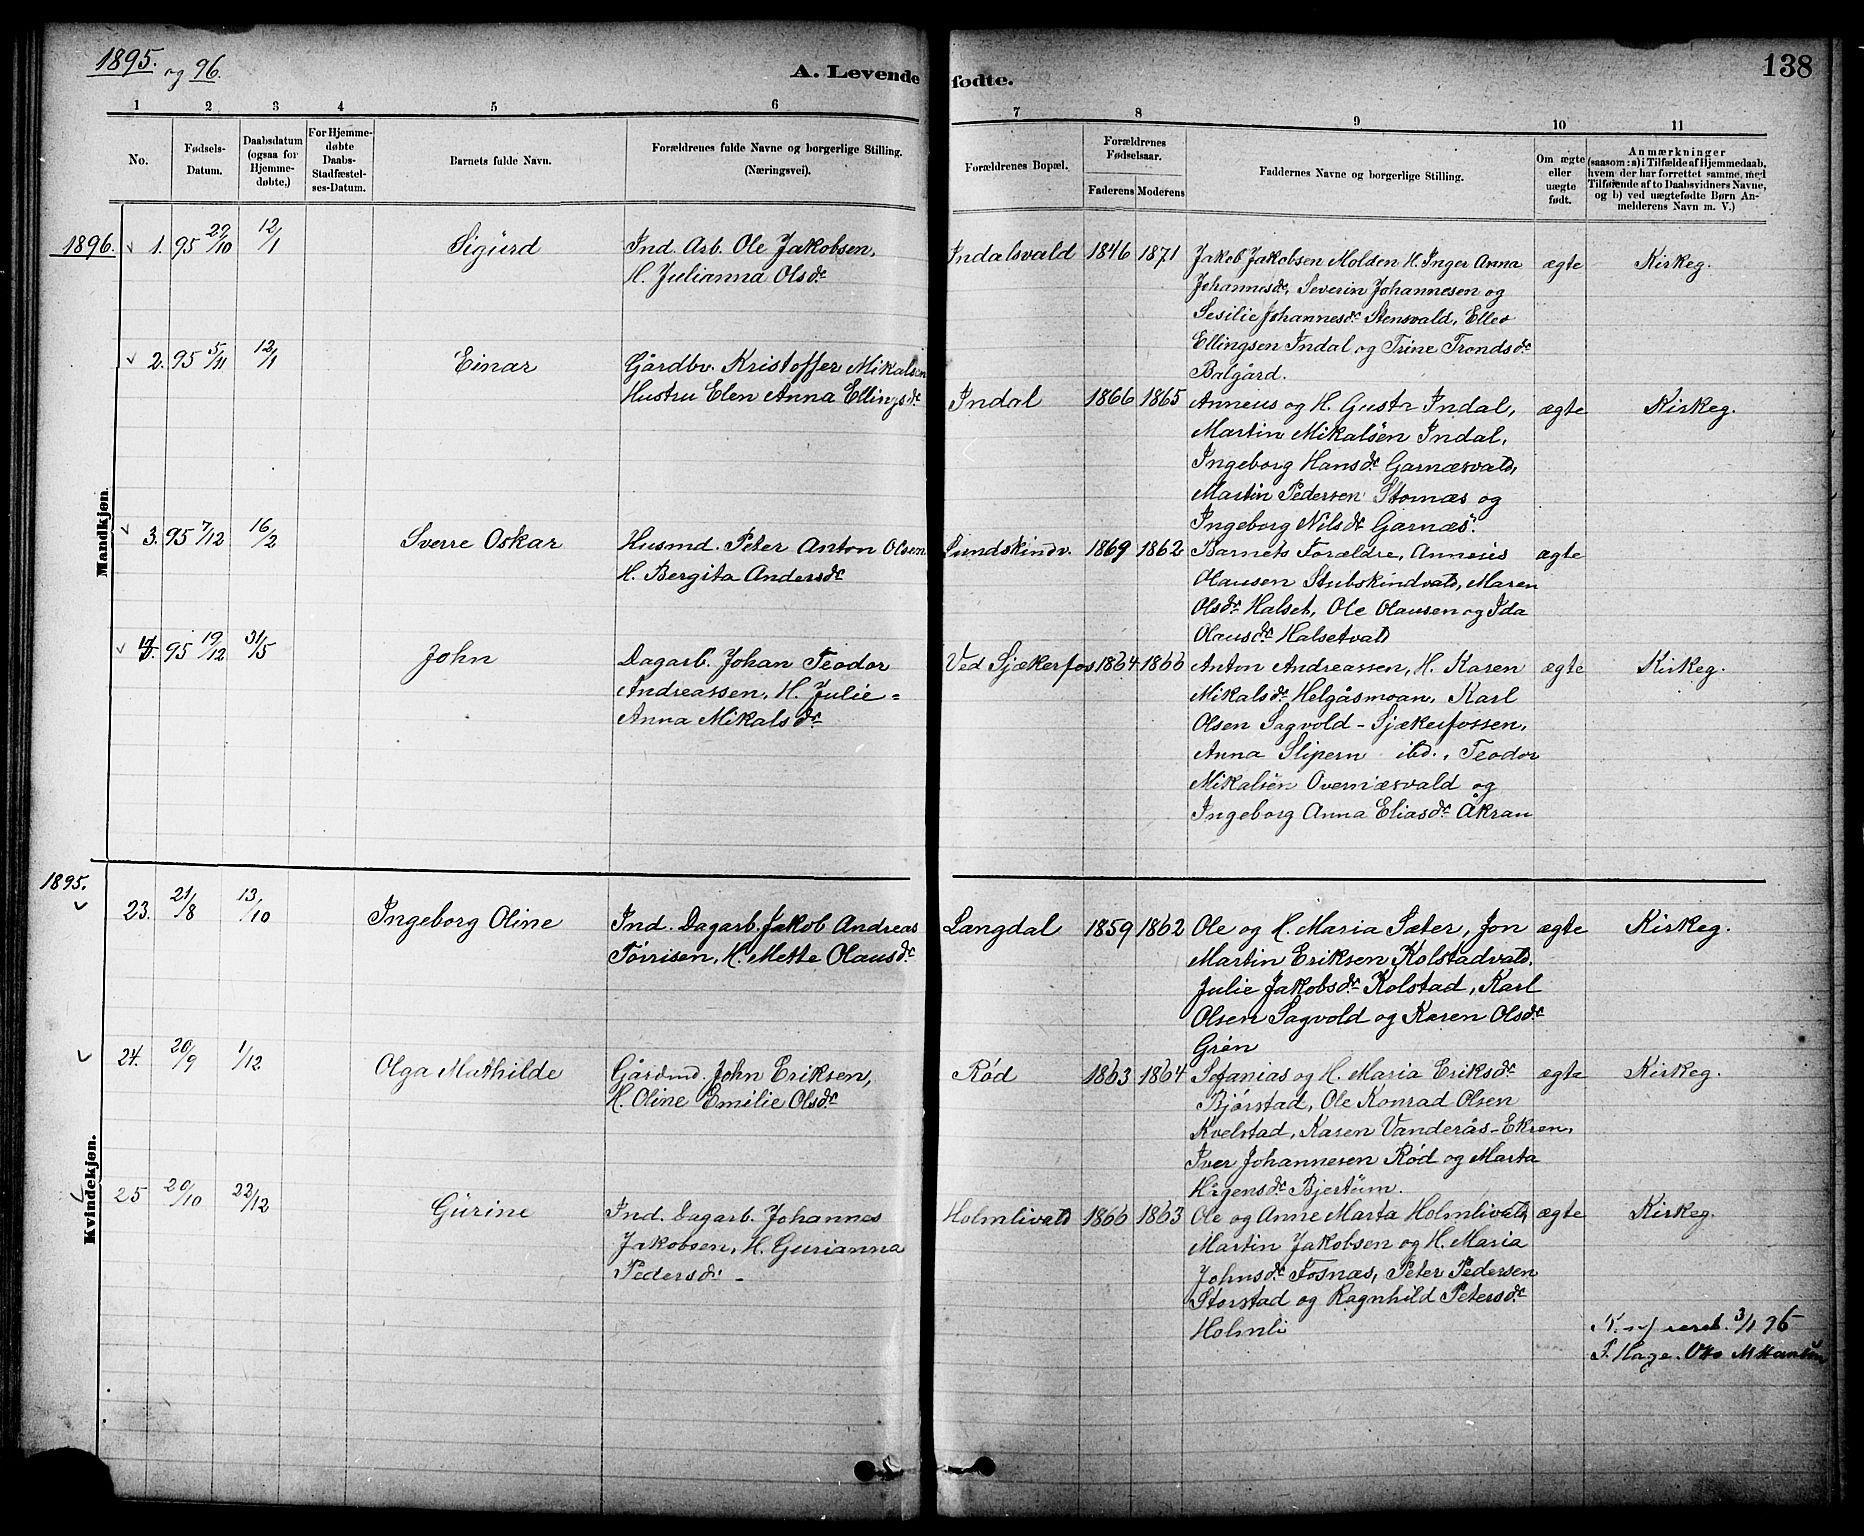 SAT, Ministerialprotokoller, klokkerbøker og fødselsregistre - Nord-Trøndelag, 724/L0267: Klokkerbok nr. 724C03, 1879-1898, s. 138